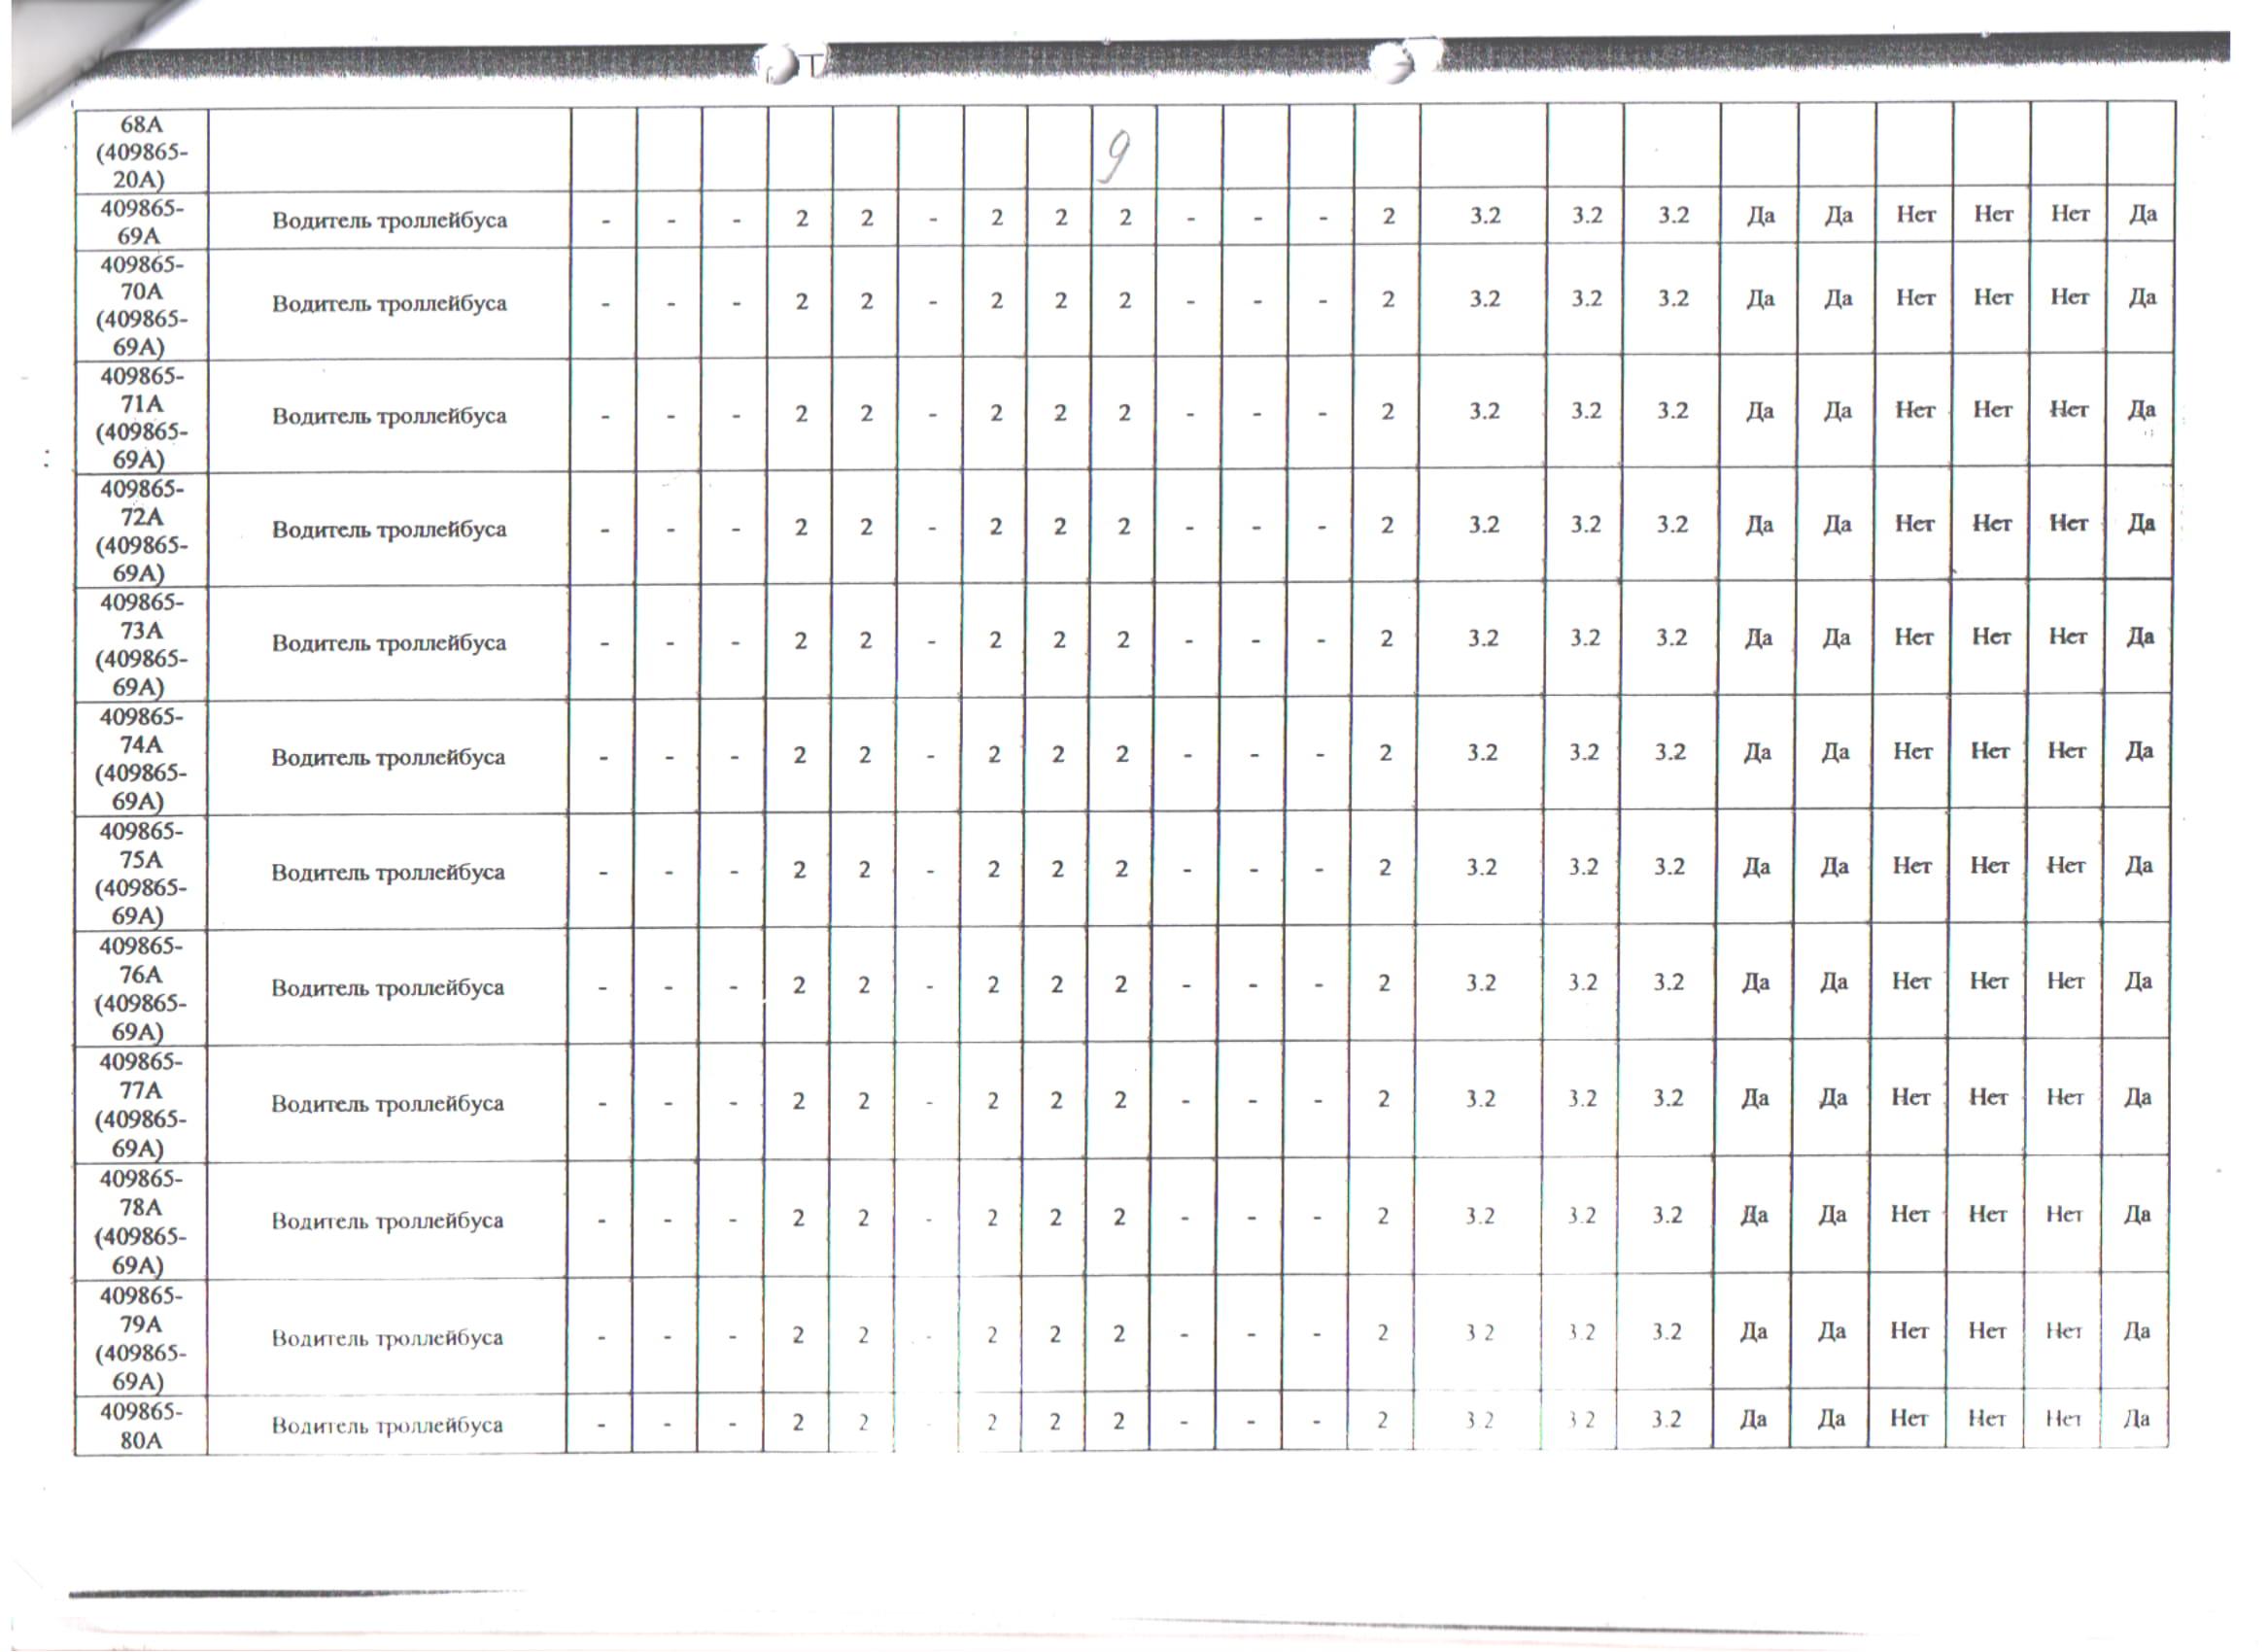 Сводная ведомость СТП (pdf.io)-07